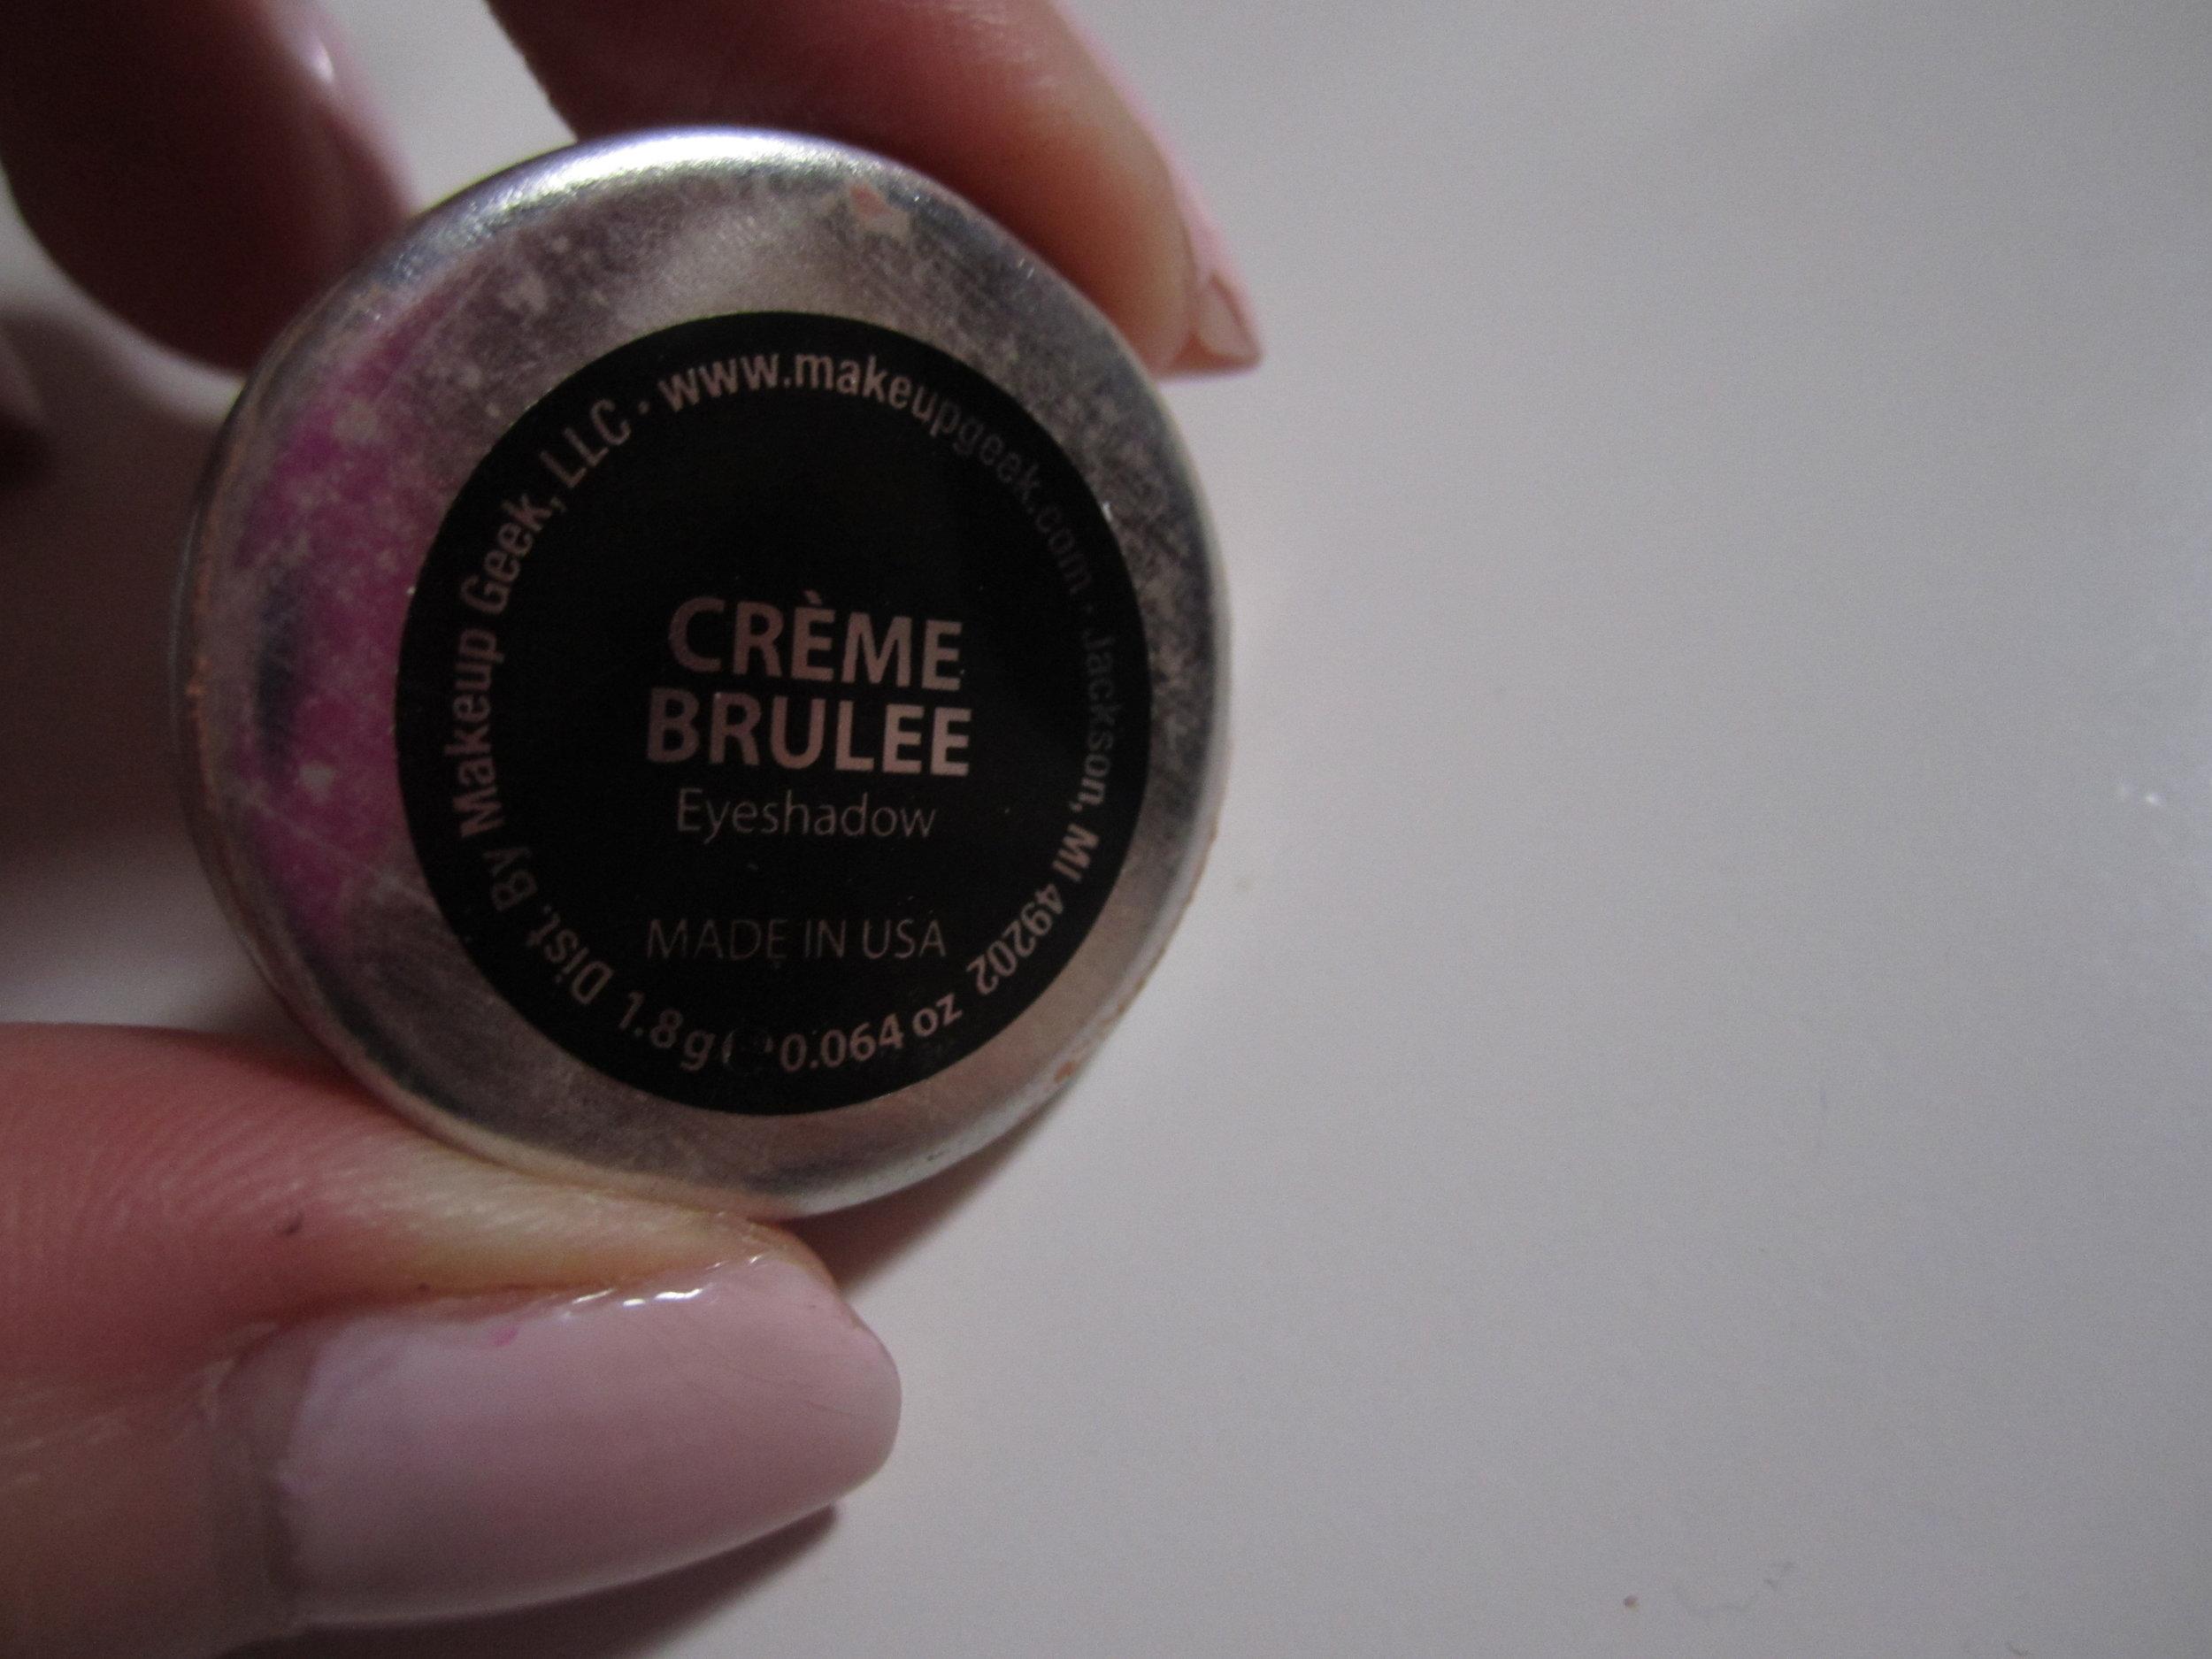 cremebrule2